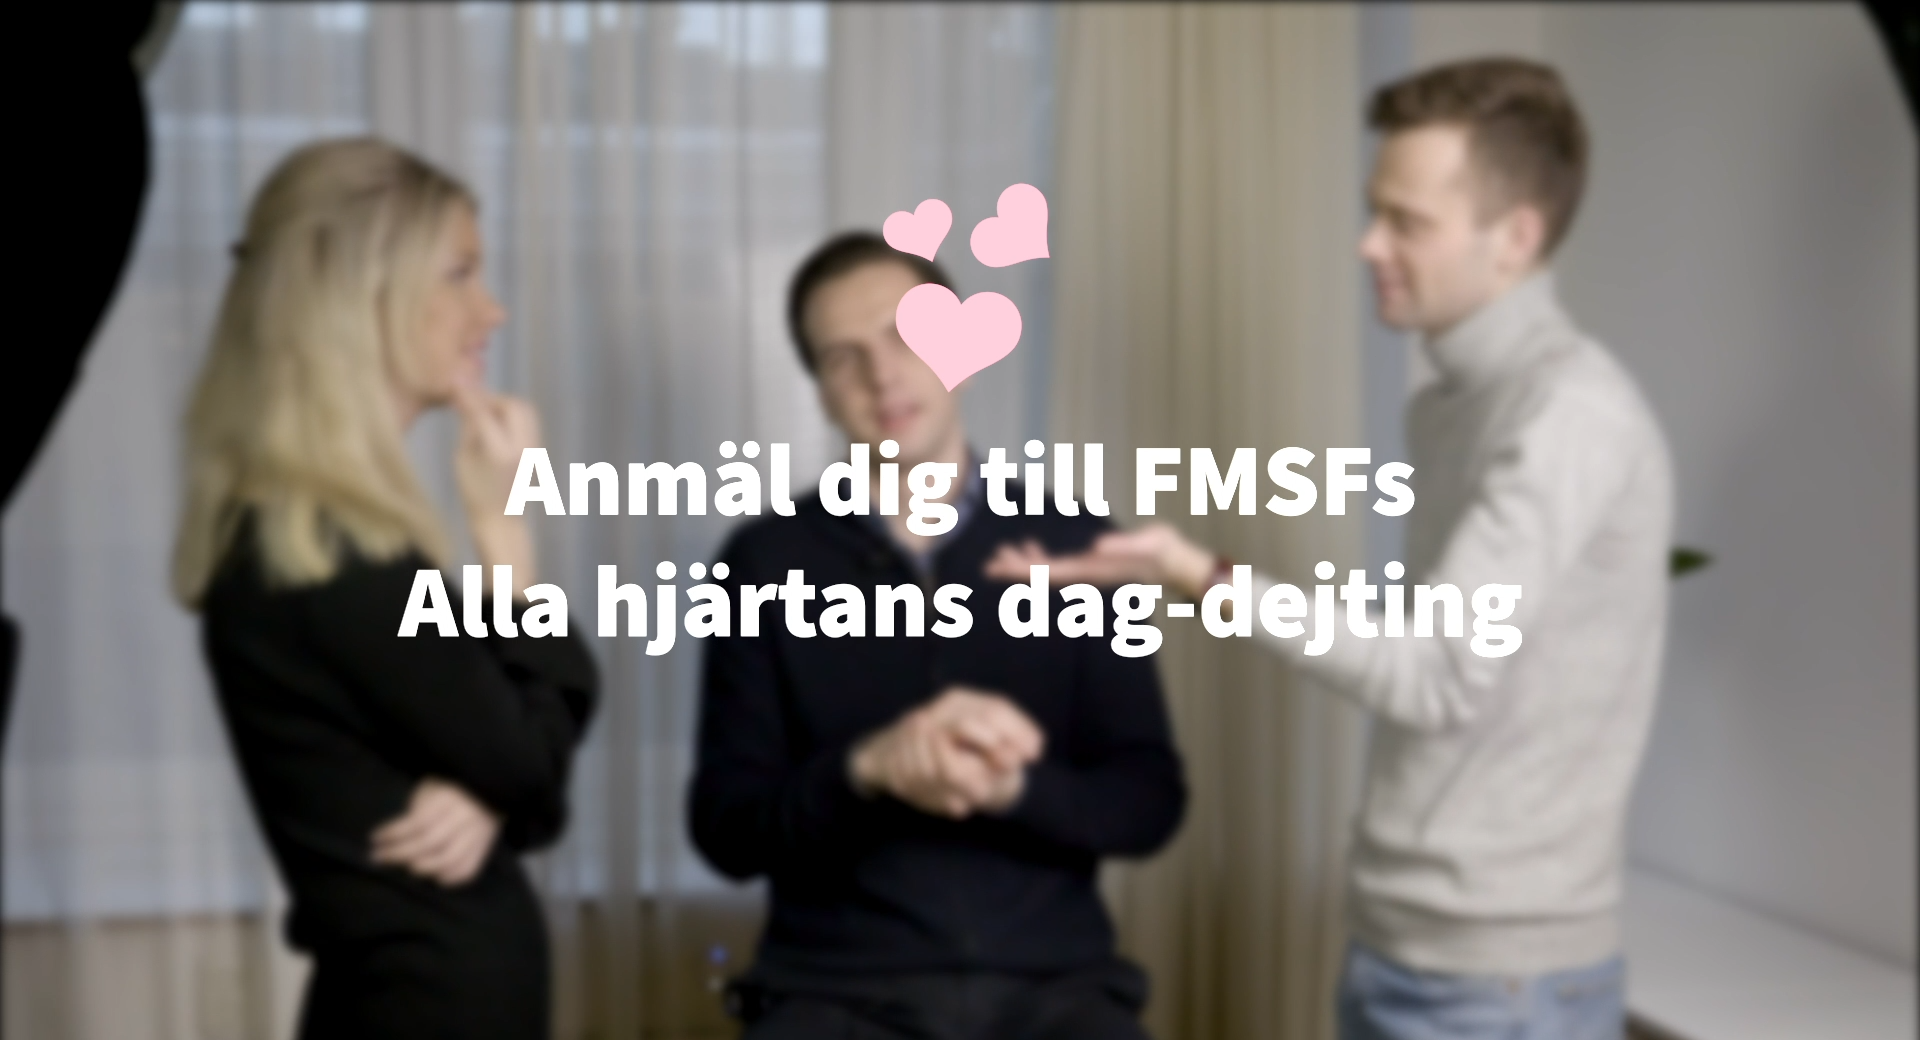 Anmäl dig till FMSFs Alla Hjärtans dag-dejting!